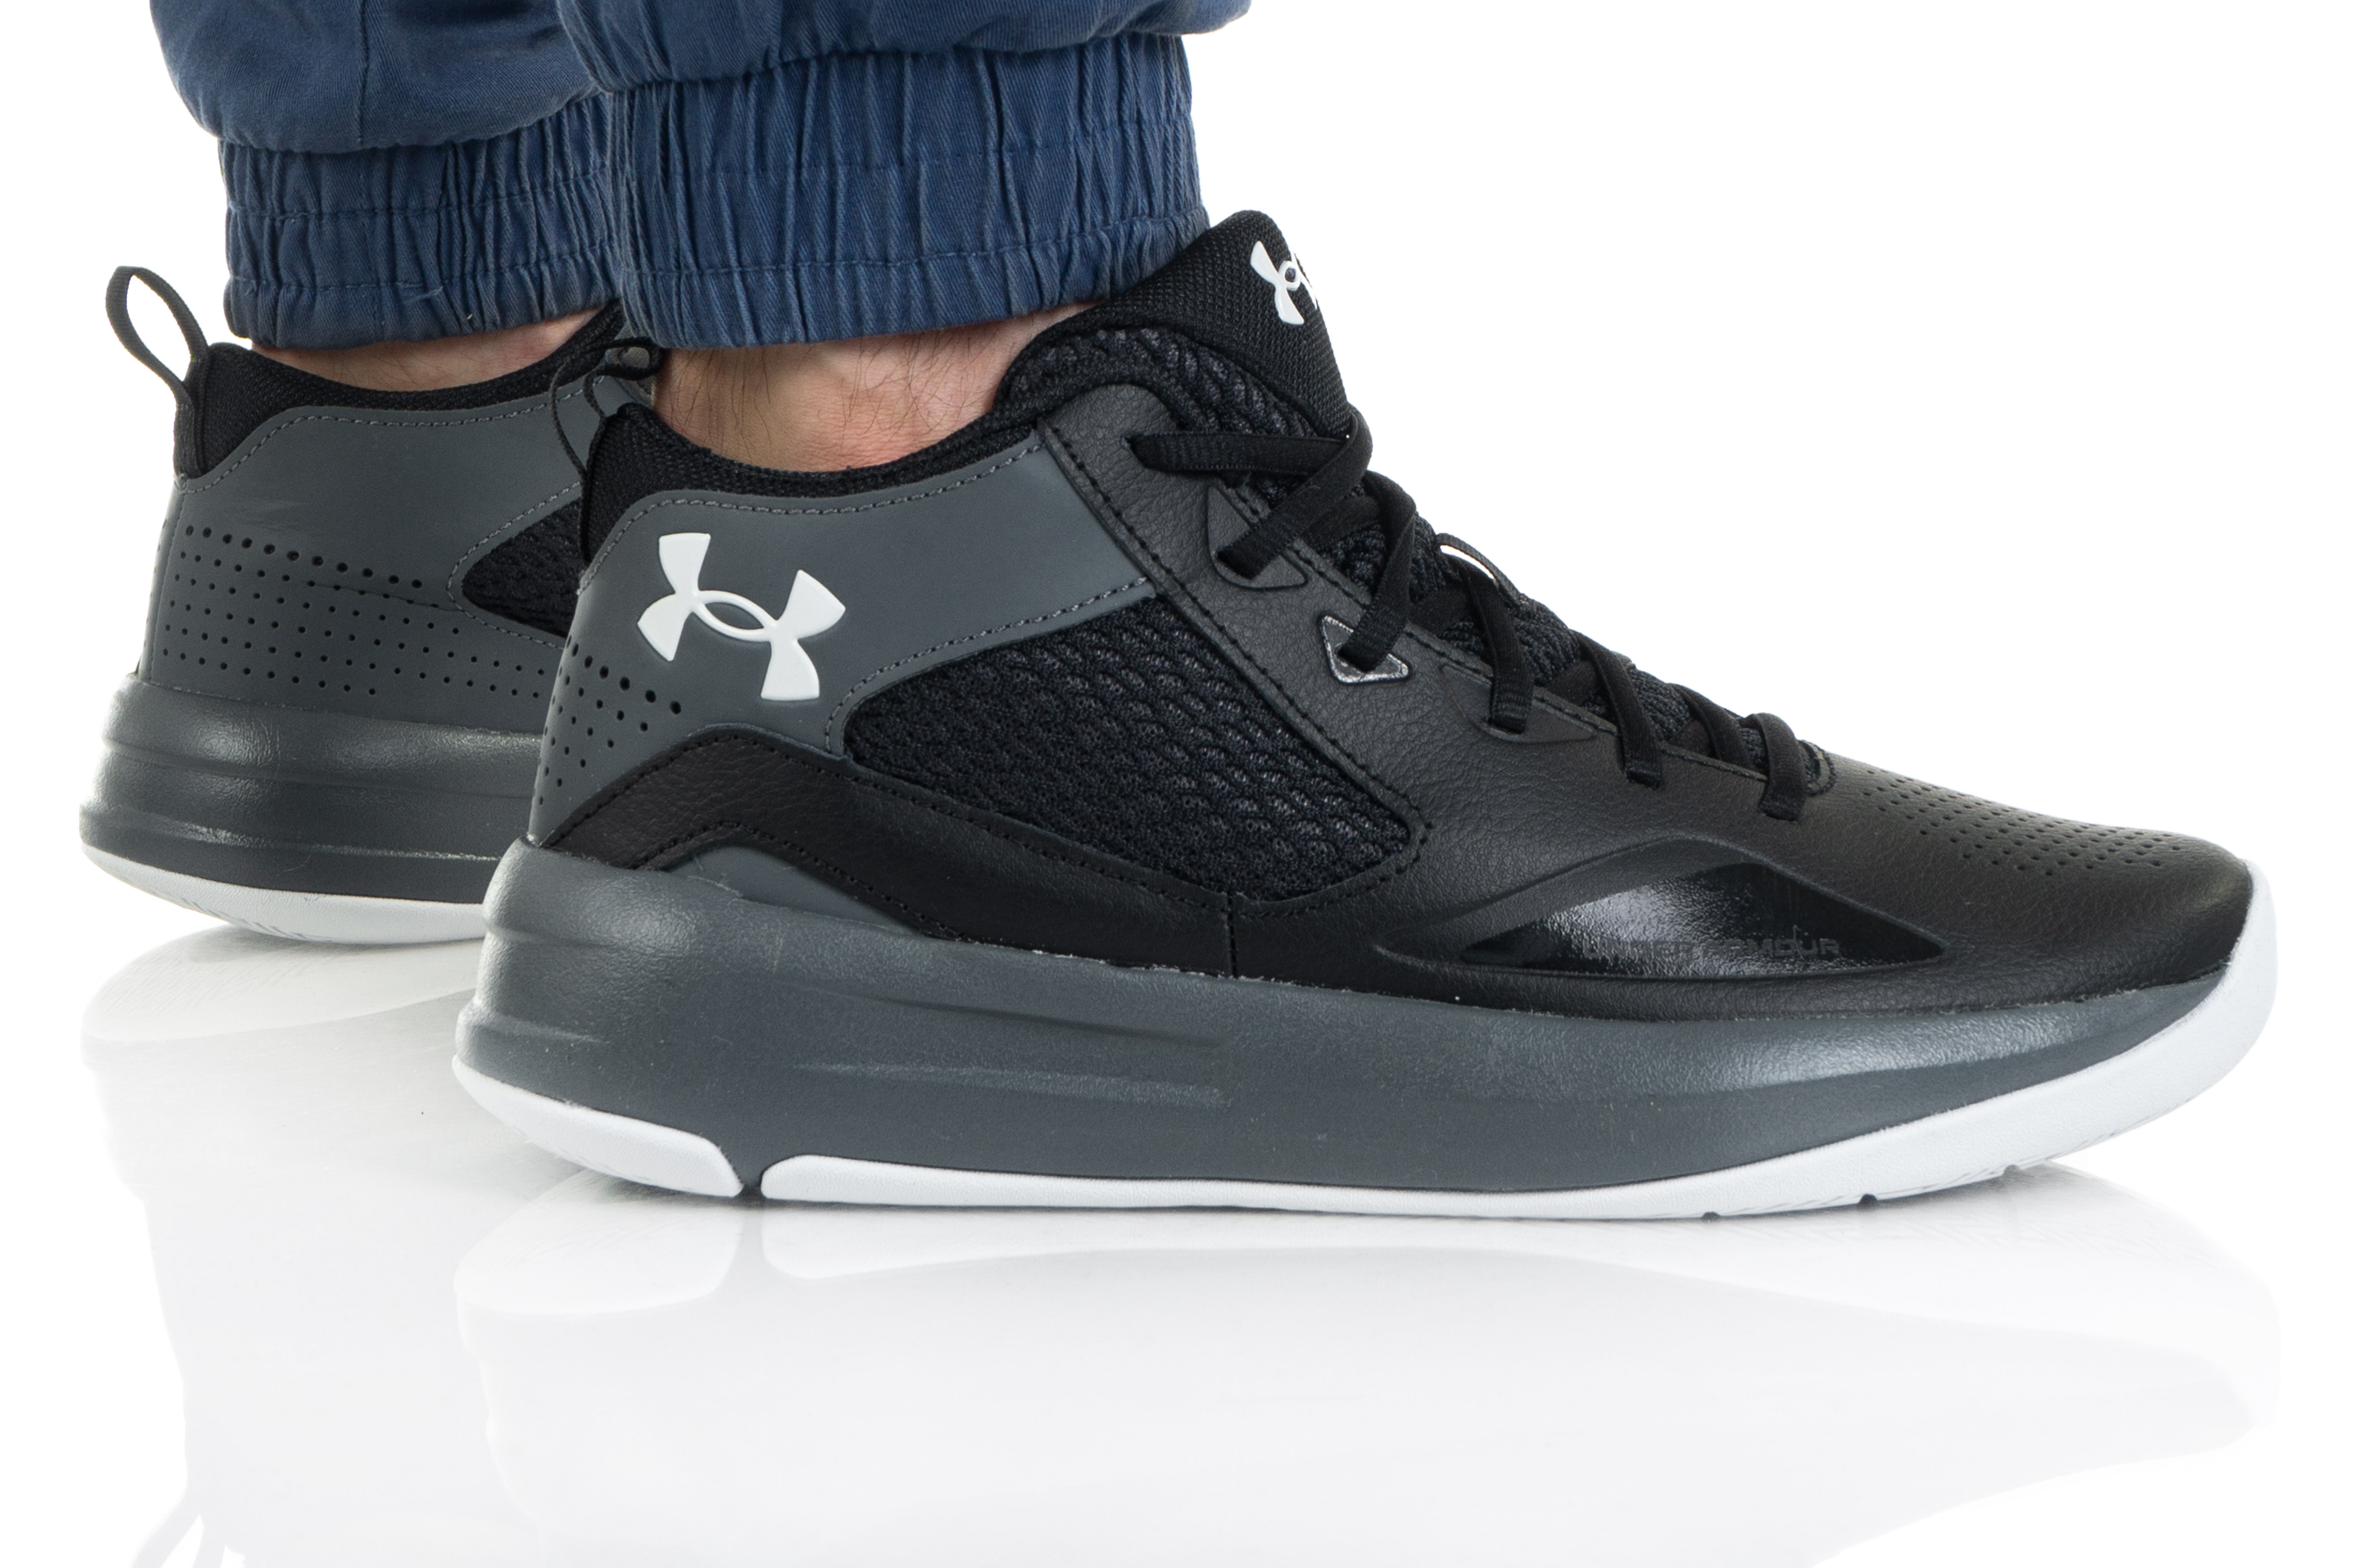 נעלי כדורסל אנדר ארמור לגברים Under Armour Lockdown 5 - שחור